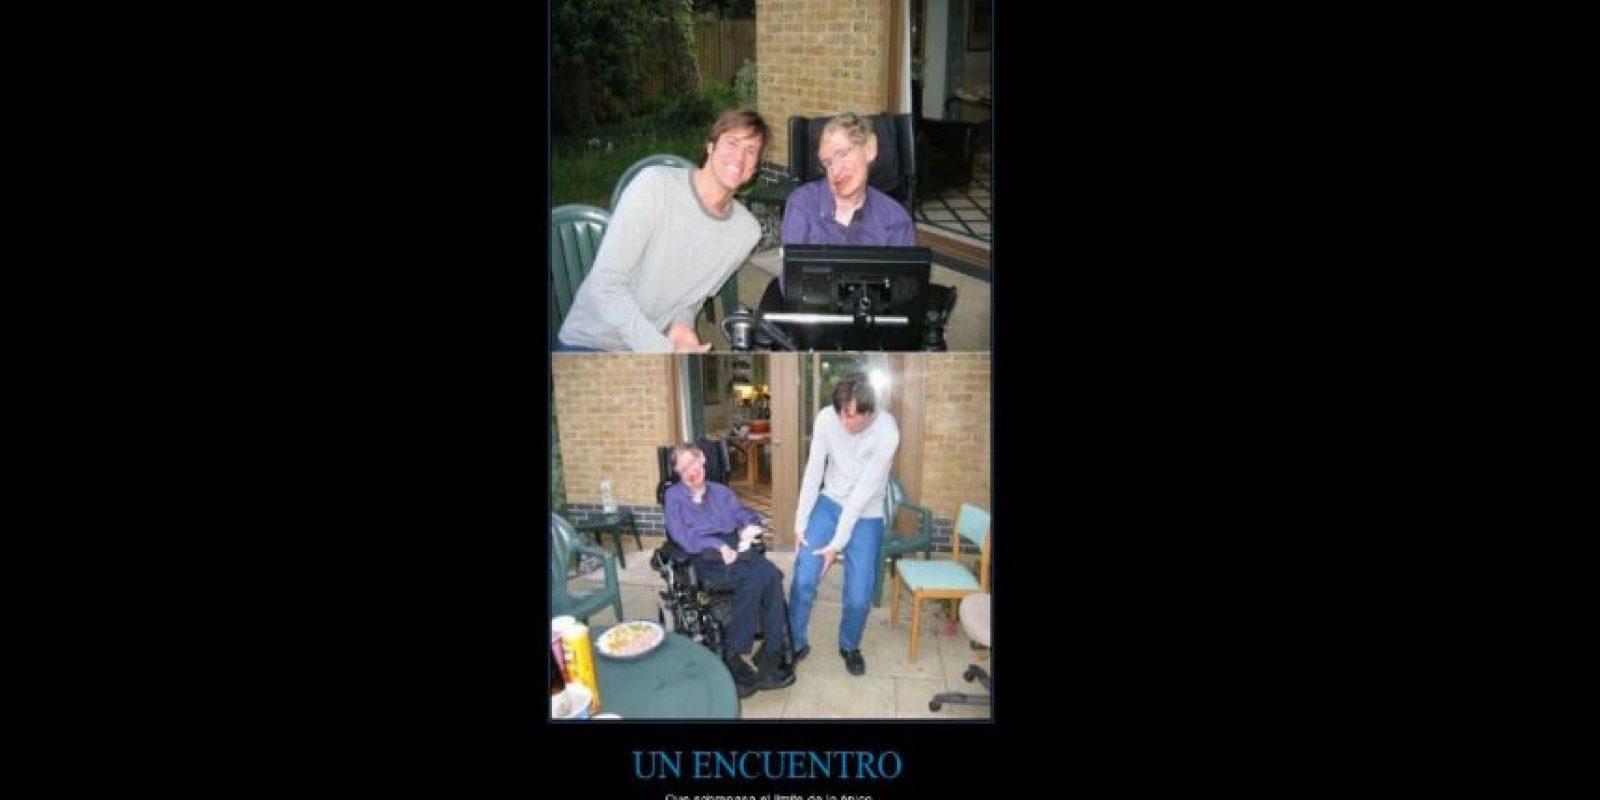 2.- En una ocasión conoció a Jim Carrey y además lo atropelló Foto:Reddit